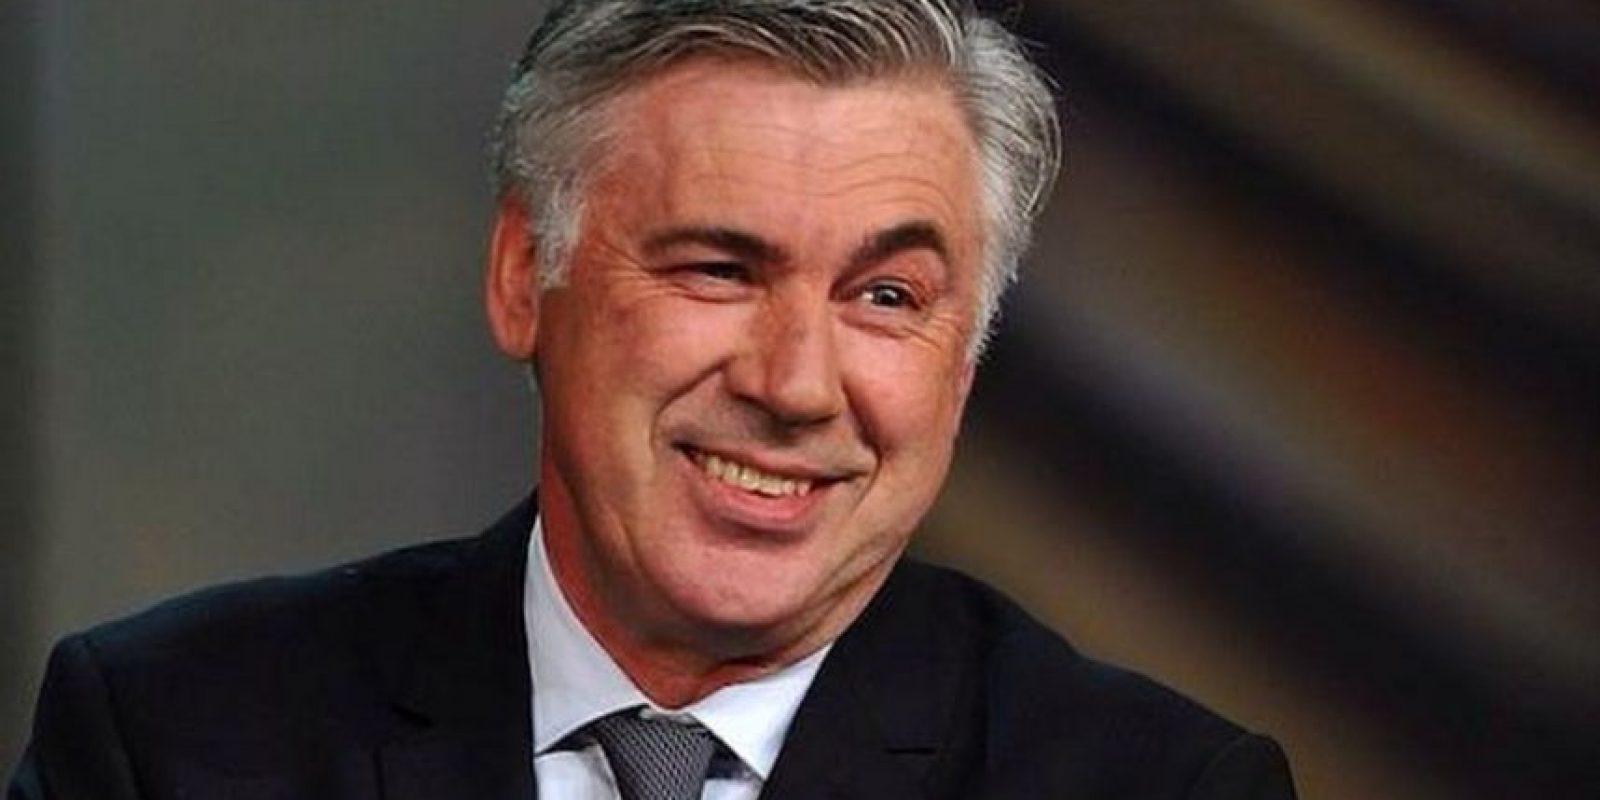 Carlo Ancelotti, entrenador italiano sin equipo actualmente. Foto:Twitter